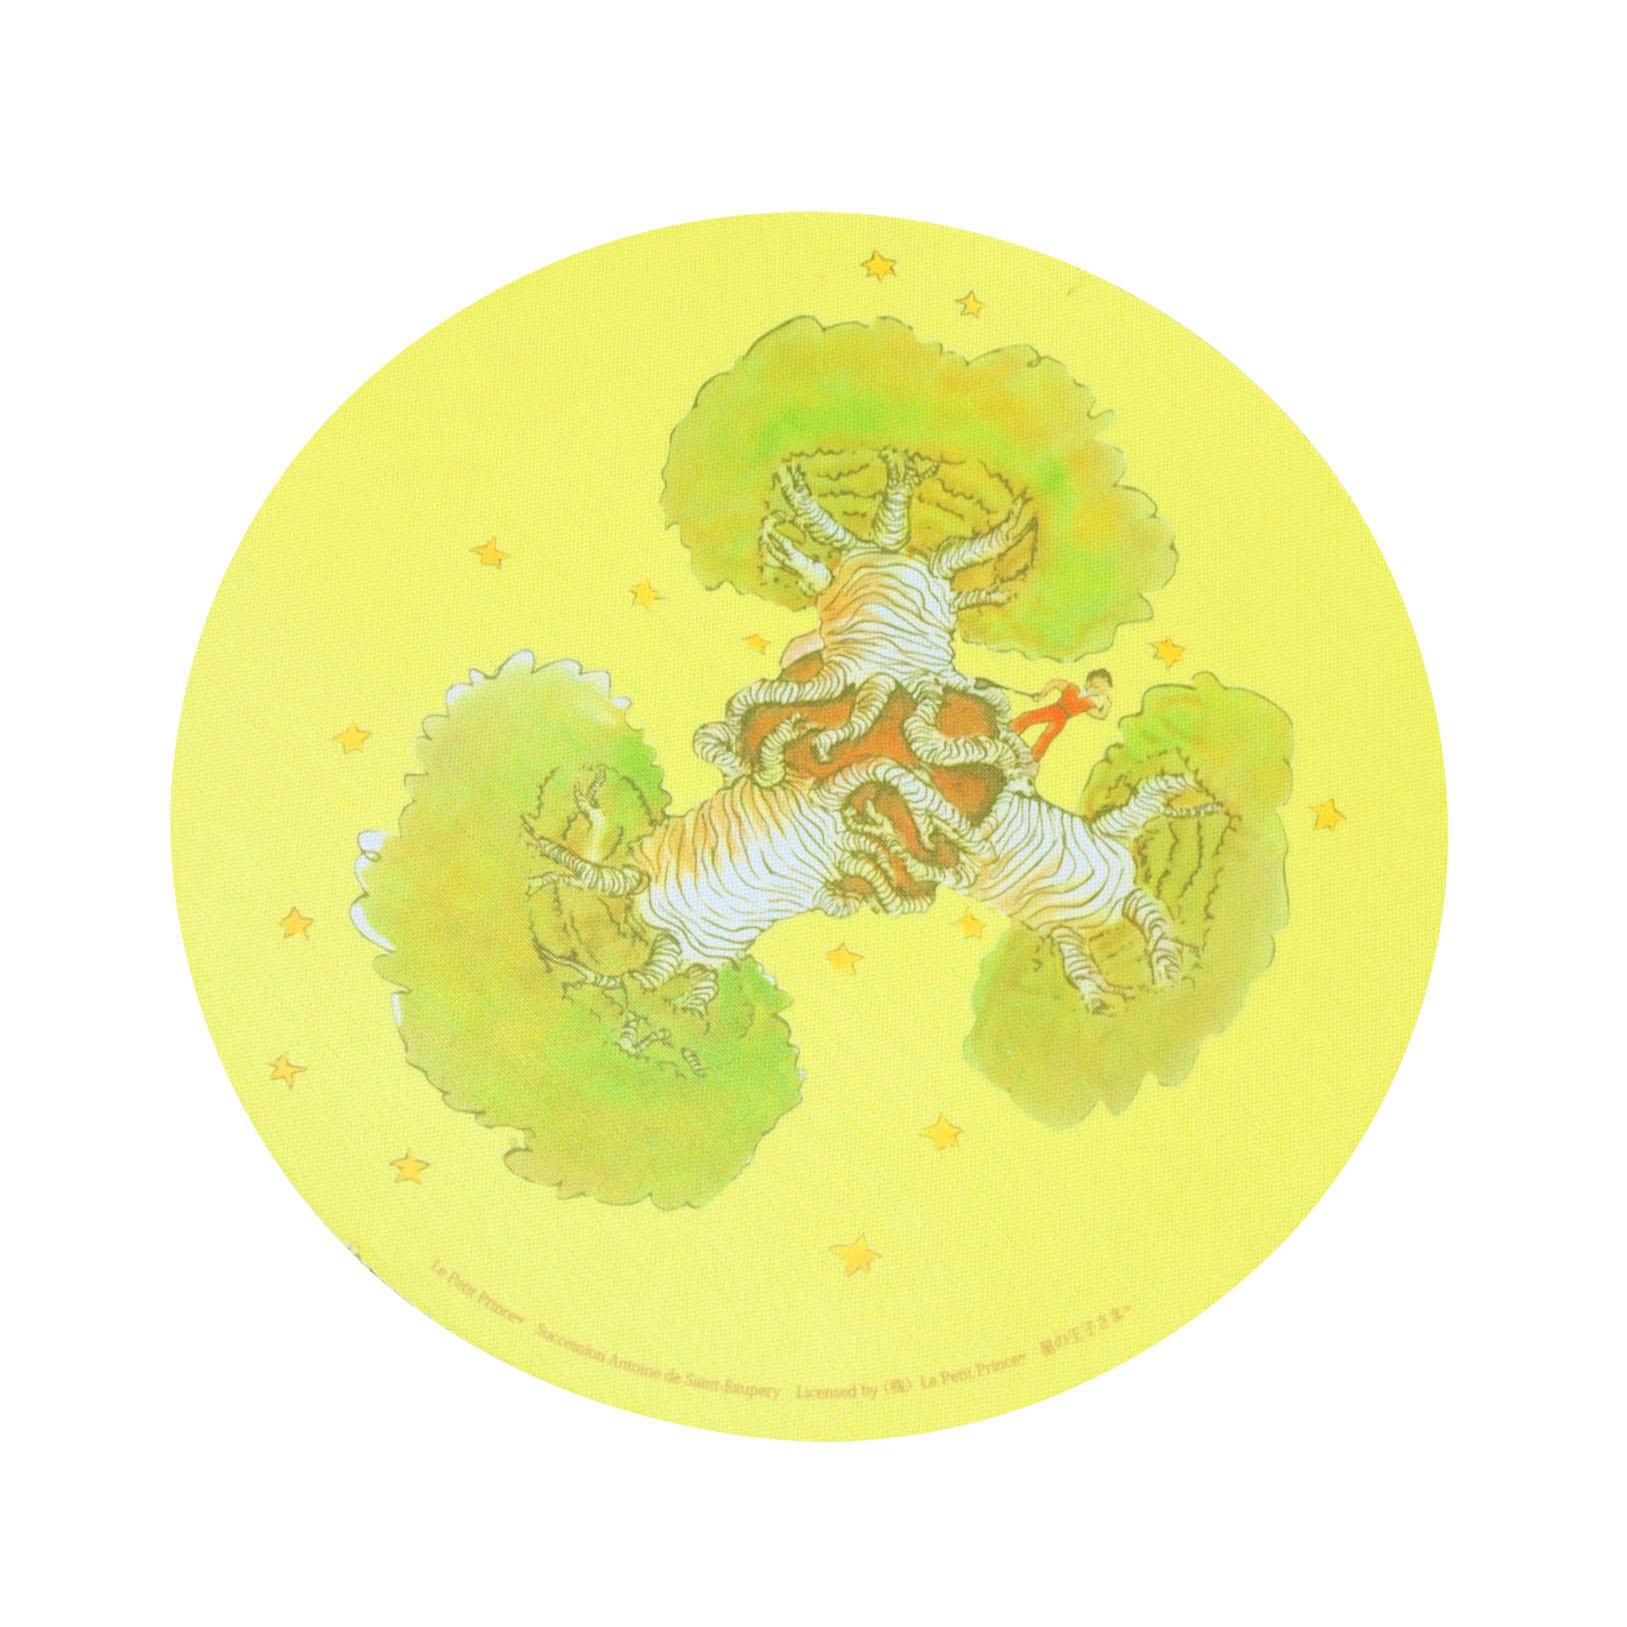 ダイカットマウスパッド バオバブの木